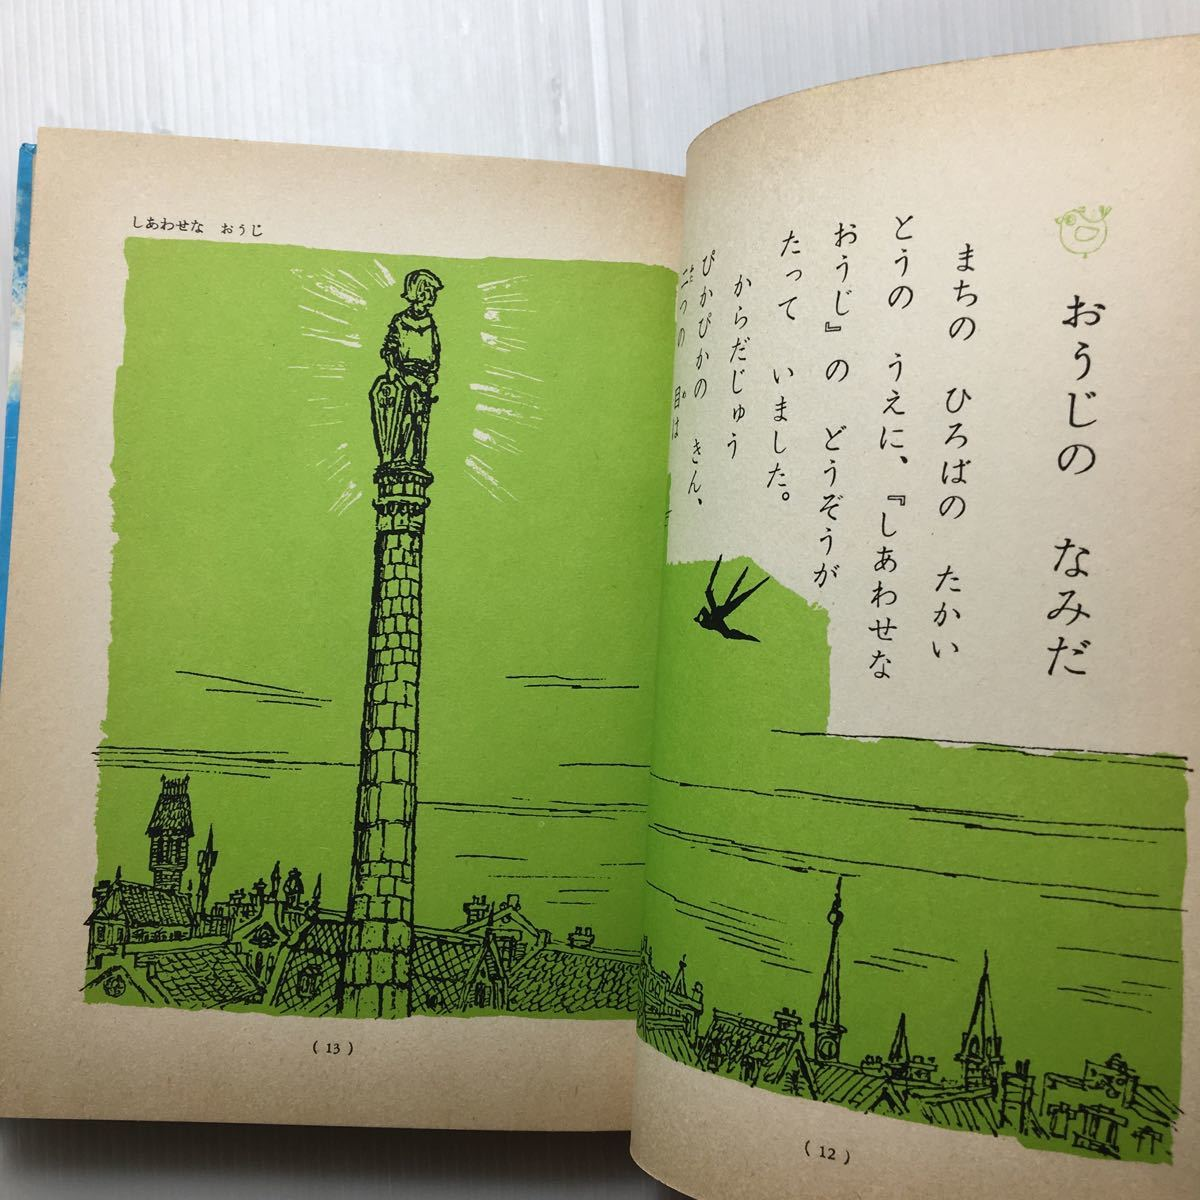 zaa-138♪ しあわせなおうじ(母と子の名作童話) ワイルド(作)大石真 (文), 集英社